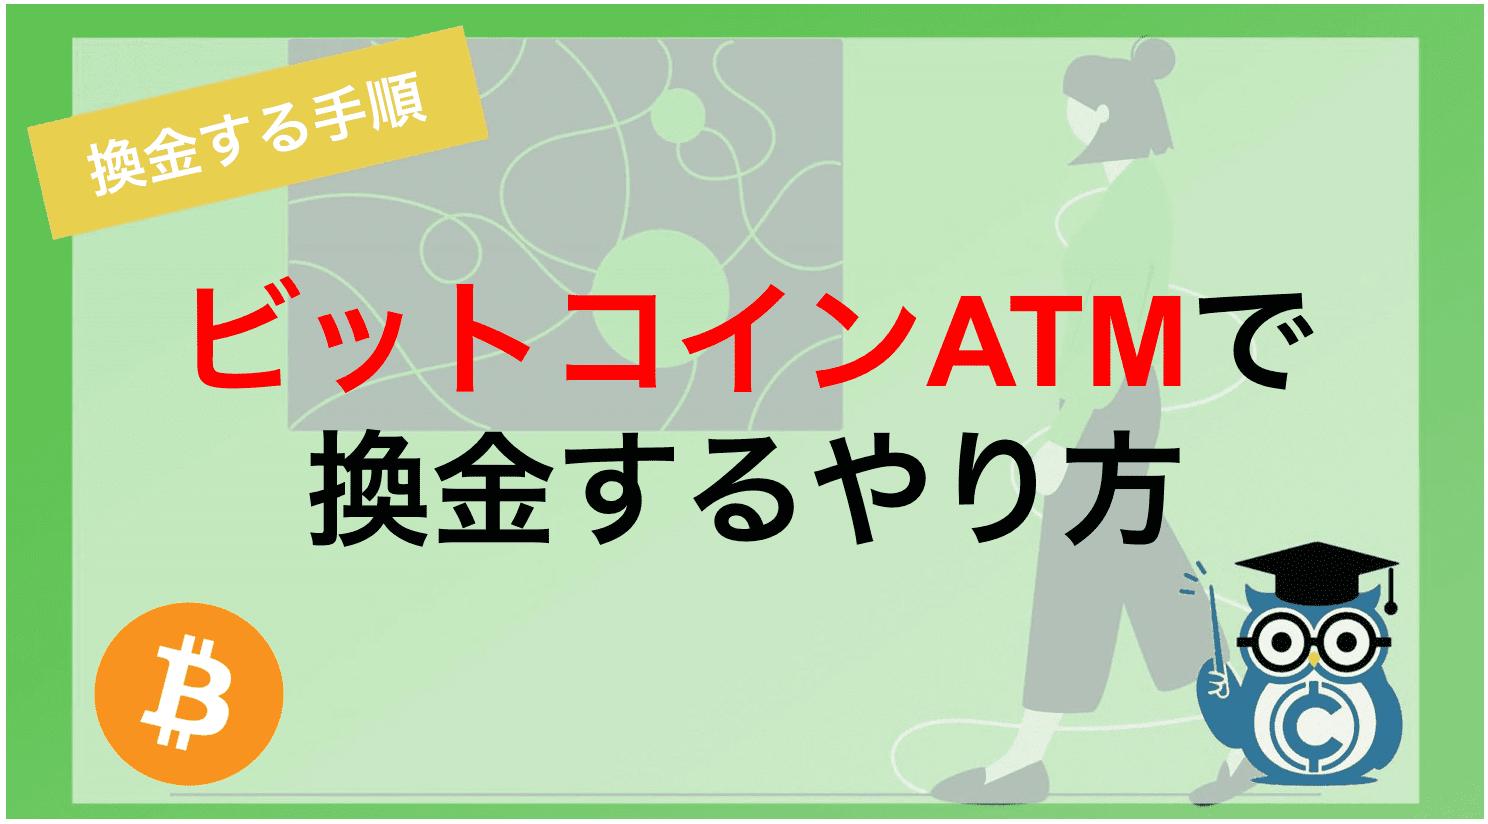 ビットコインの換金方法について - DMMビットコイン